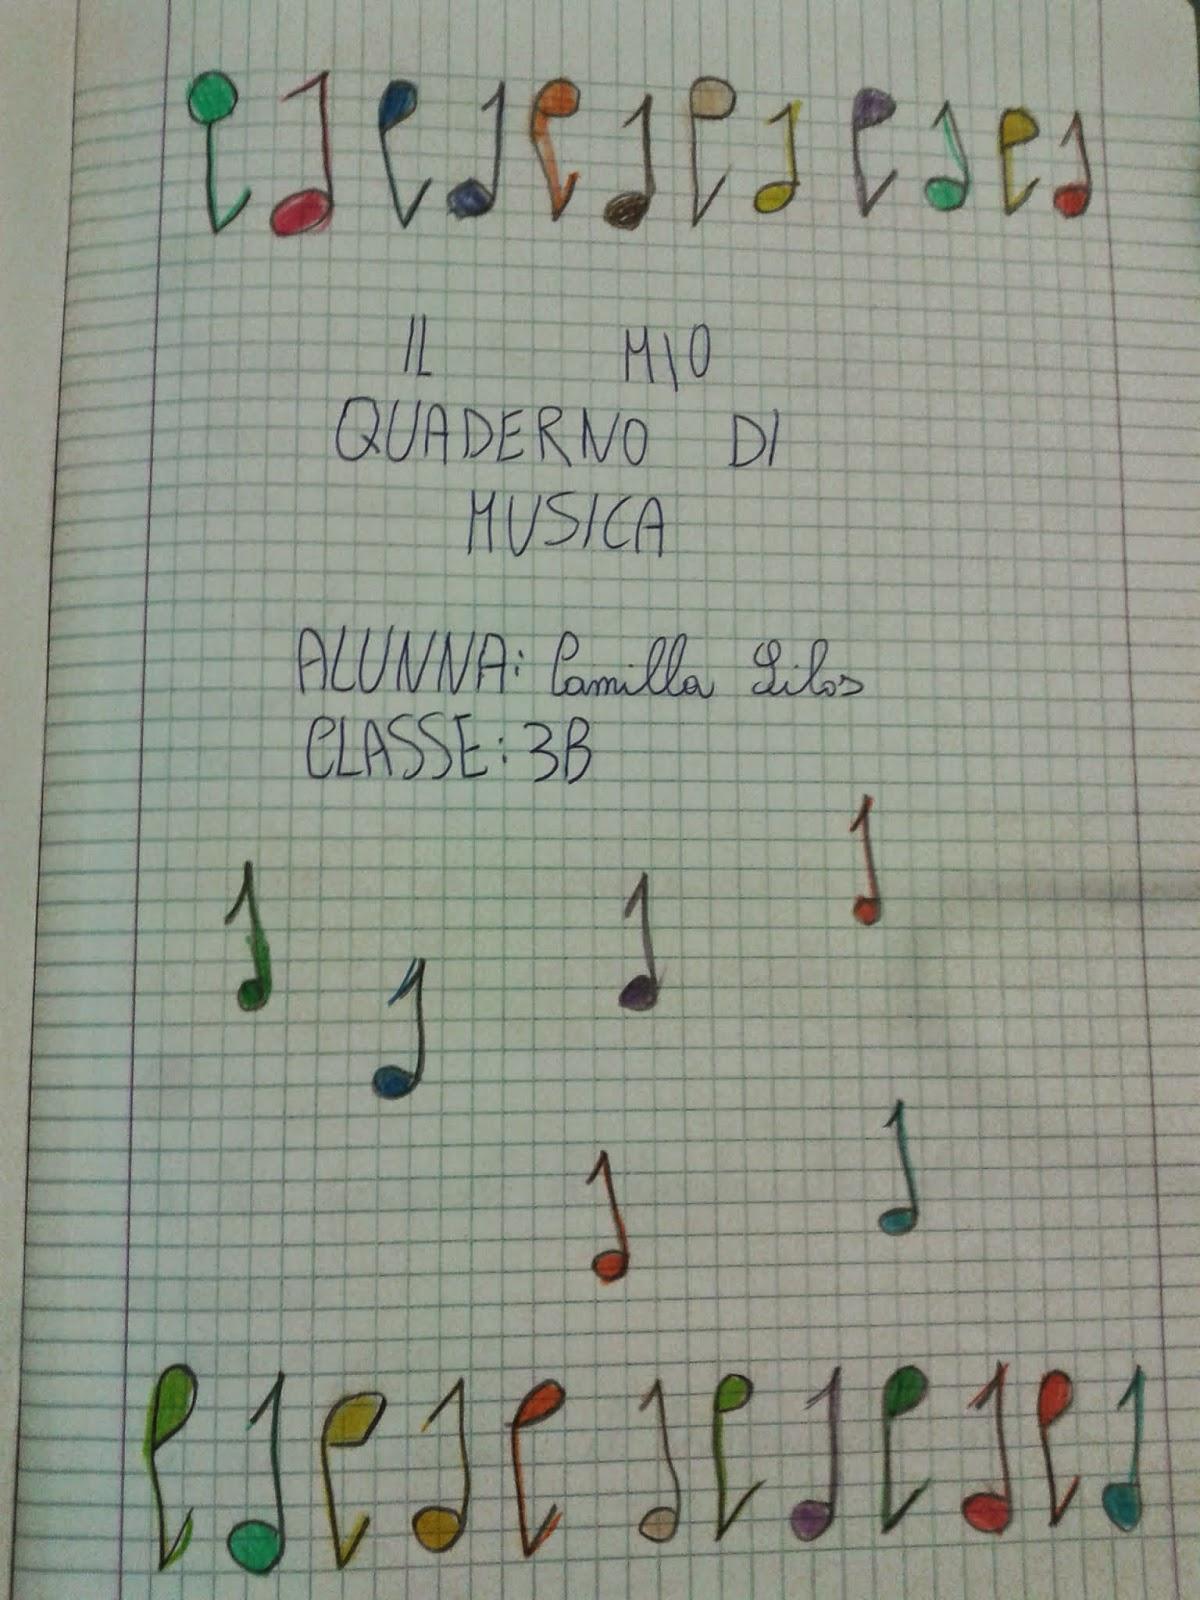 Super LA MAESTRA MARIA TI SALUTA: Musica classe terza ZS28